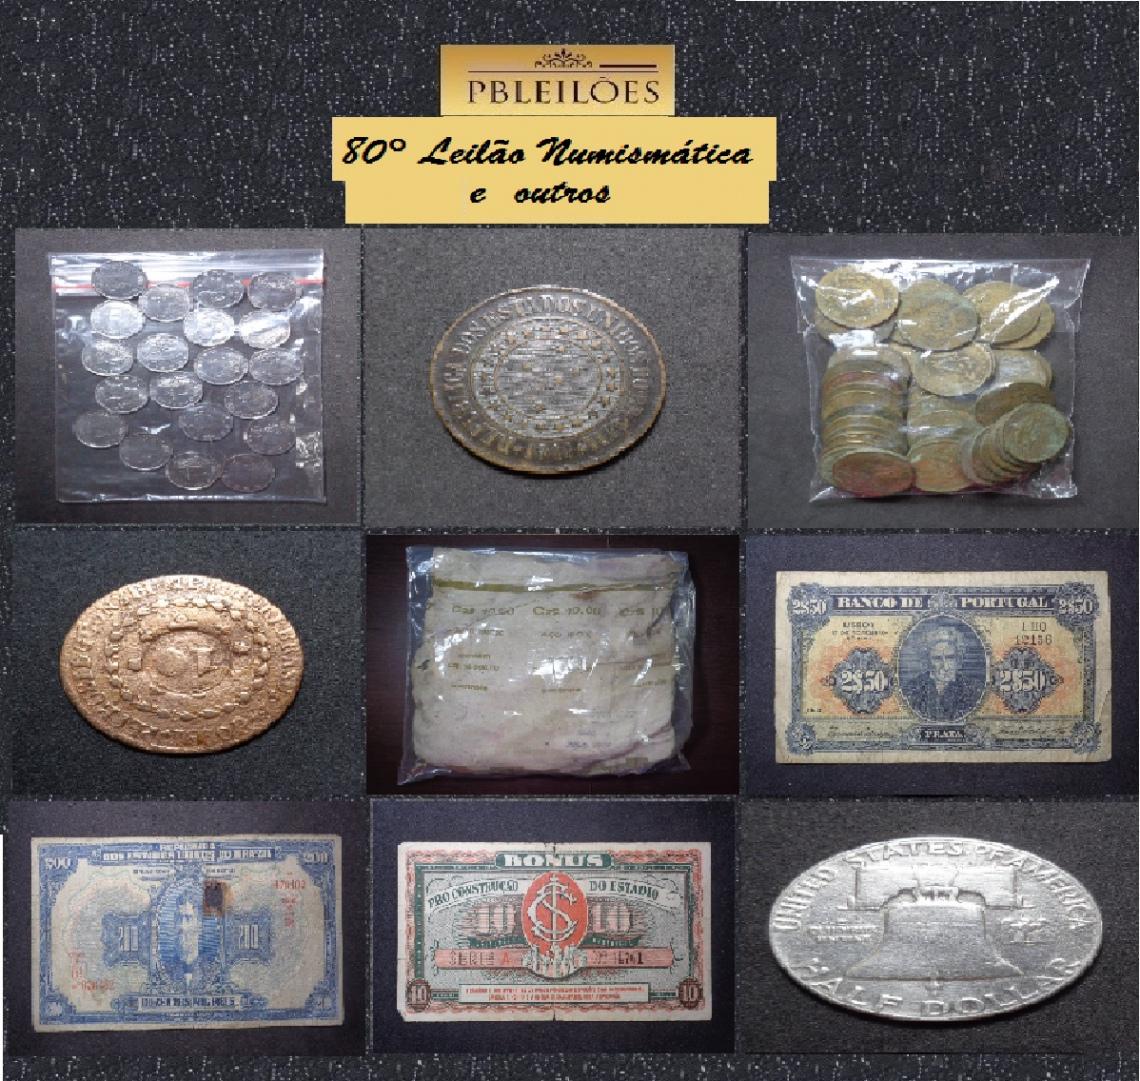 80º Leilão de Numismática e outros